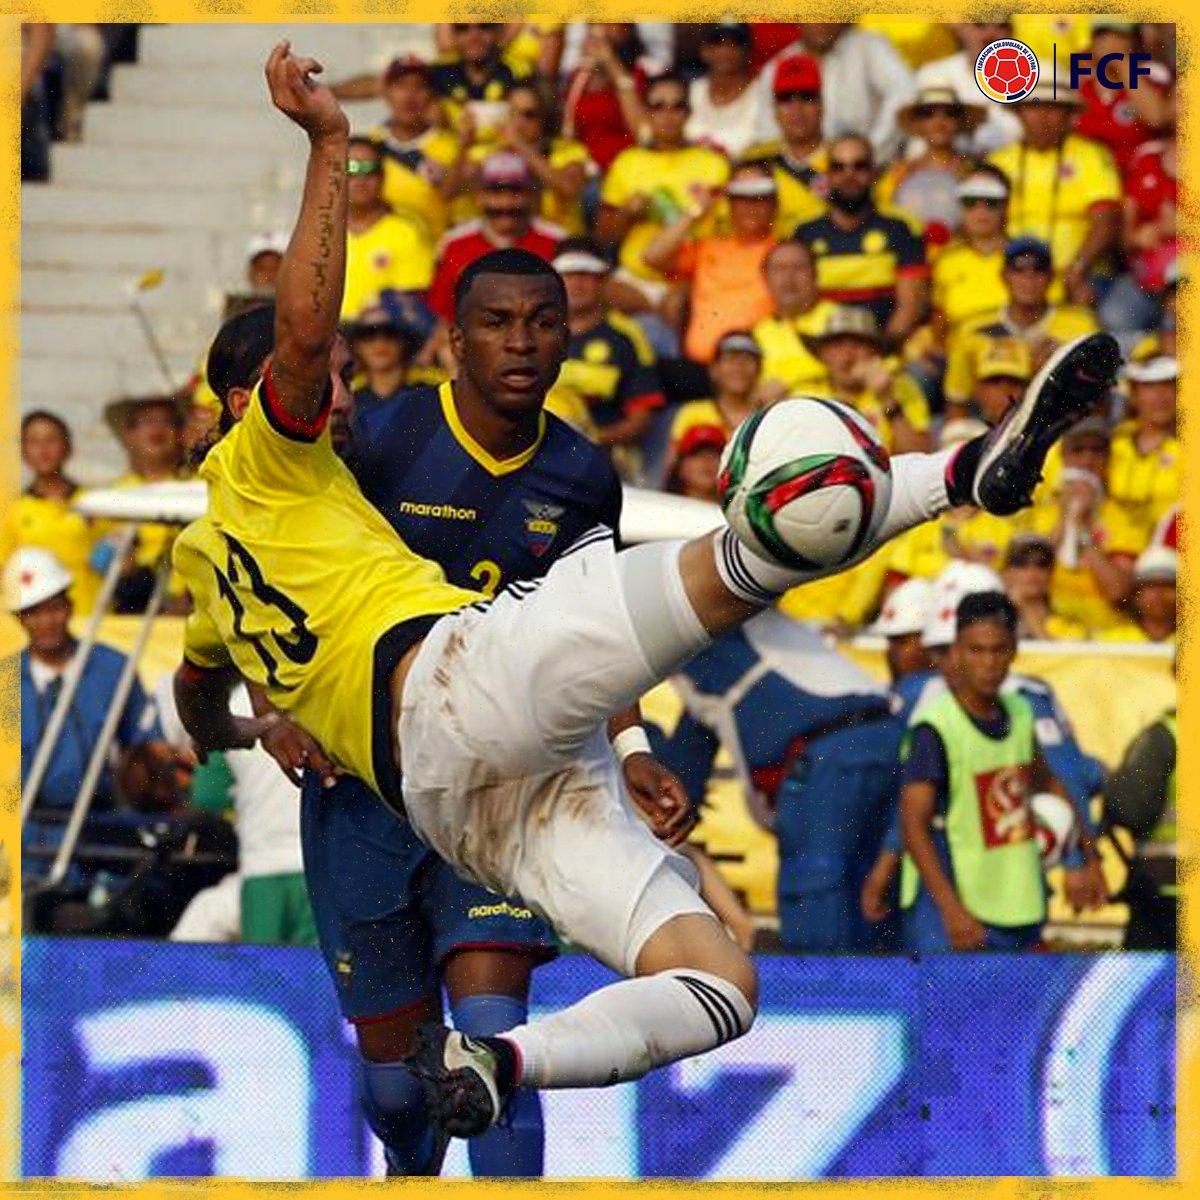 ¡Goooolazo de Colombia!  Sebastián Pérez estiró sus piernas y contactó el balón en el aire para marcar el segundo de nuestra Selección  ¡Golazo! 🤩   🇨🇴2⃣-0⃣🇪🇨  #EnModoEliminatorias #ViveElGolCaracol https://t.co/8AVGTZC0MG